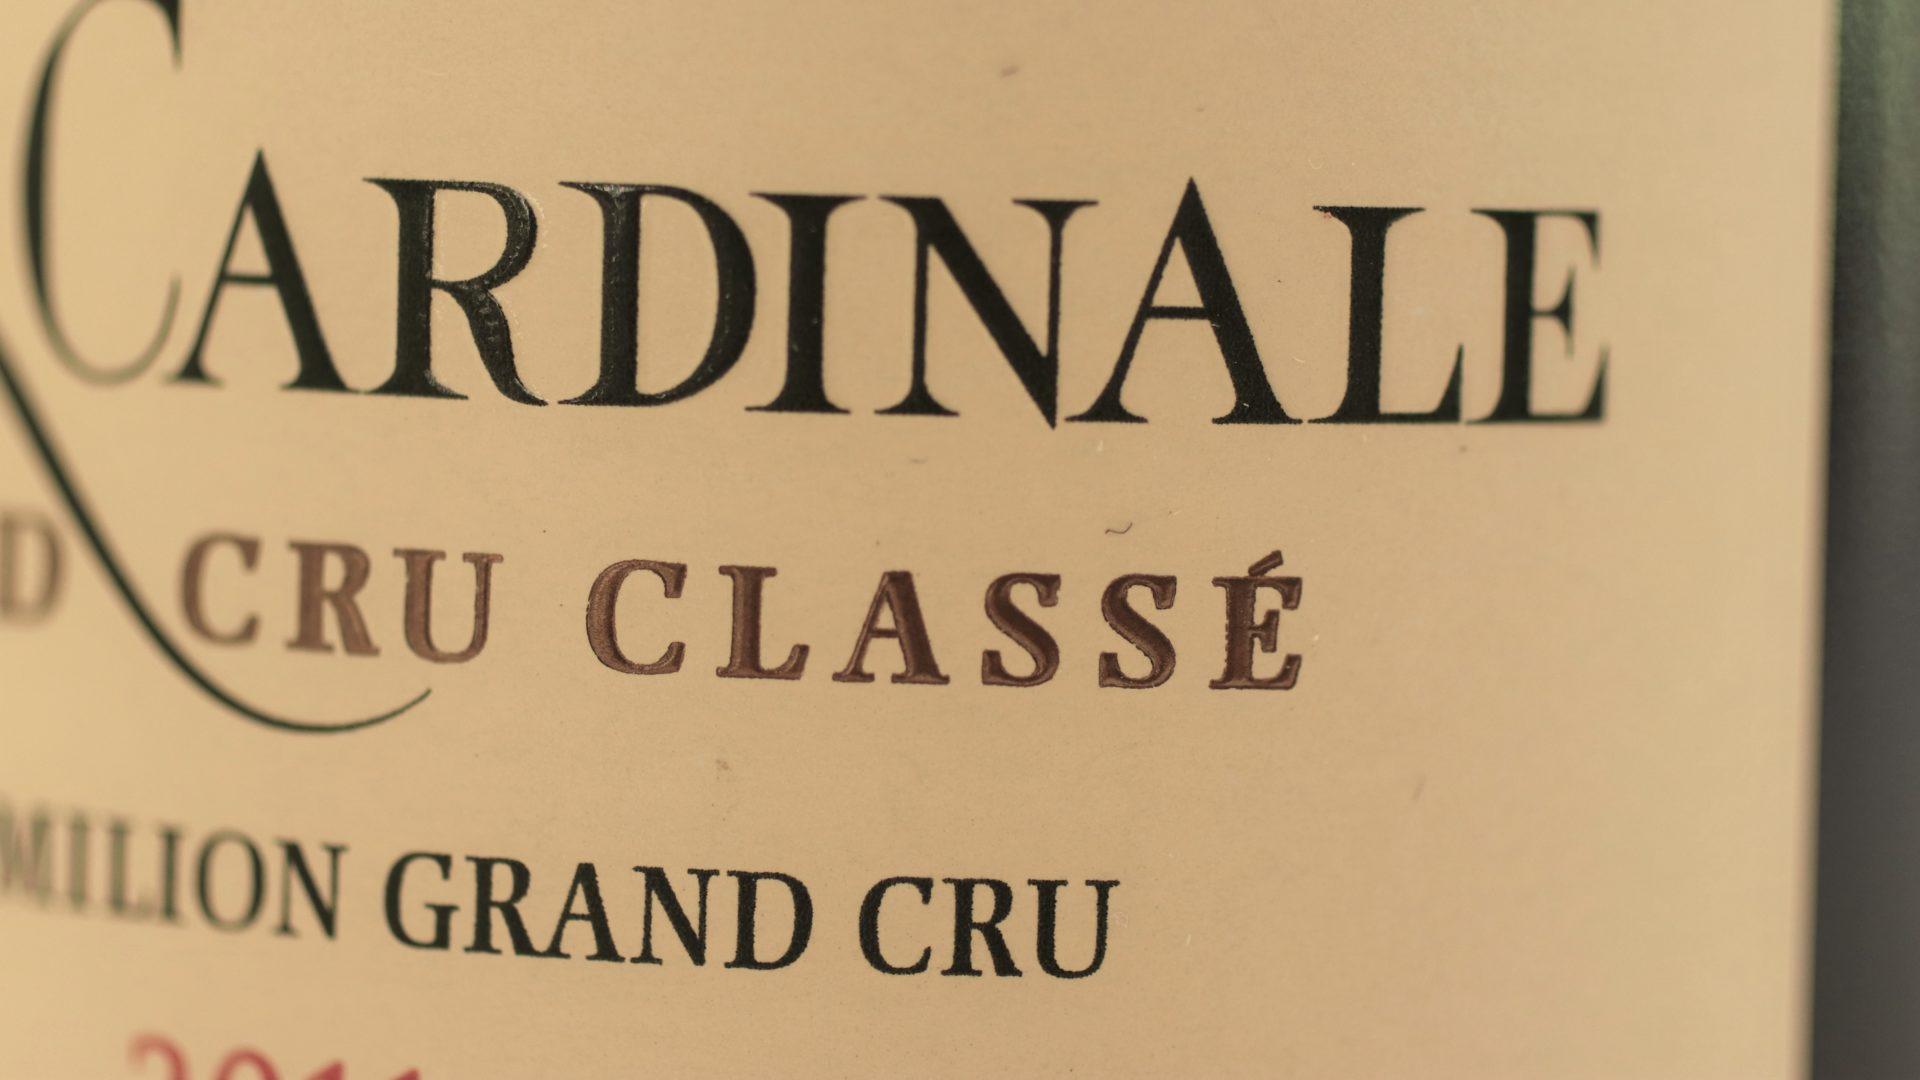 Détail de l'étiquette - © C. Decoster, Château Fleur Cardinale